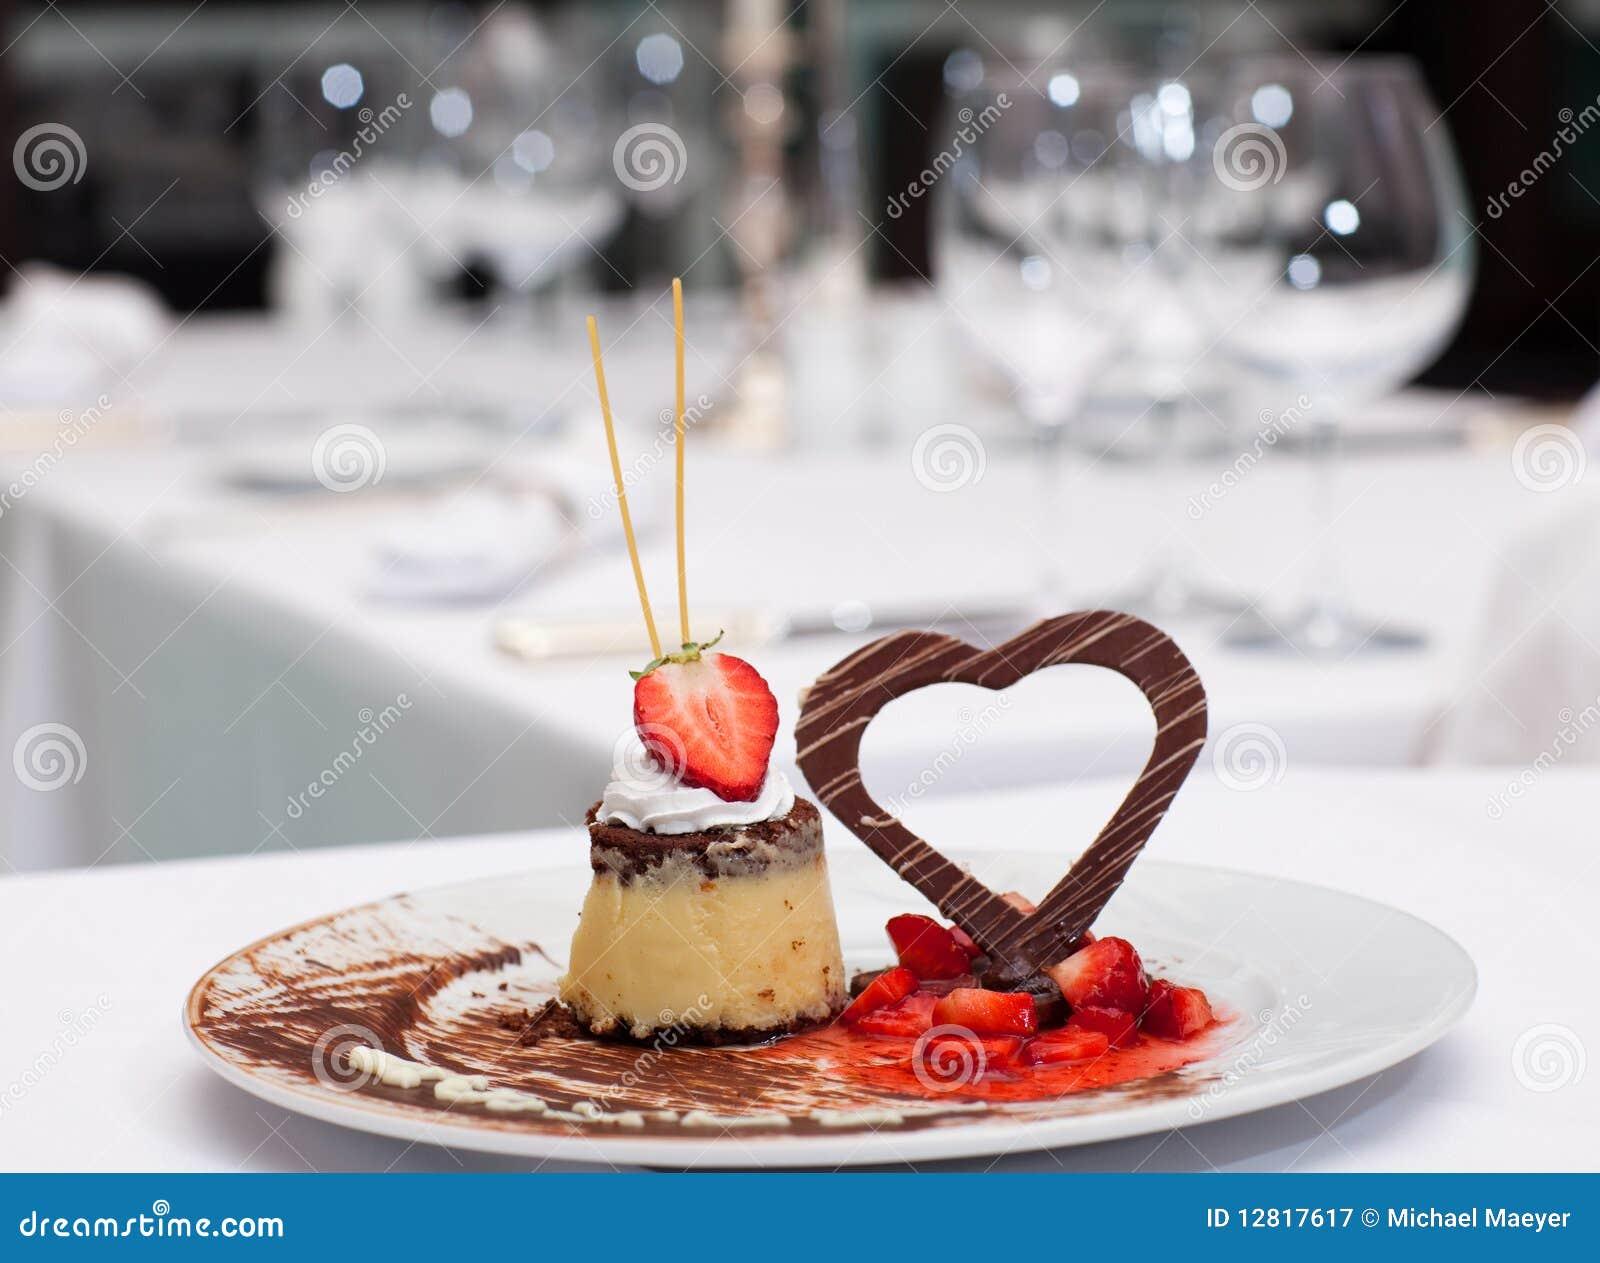 nachtisch mit erdbeeren und schokoladeninnerem stockbild bild 12817617. Black Bedroom Furniture Sets. Home Design Ideas